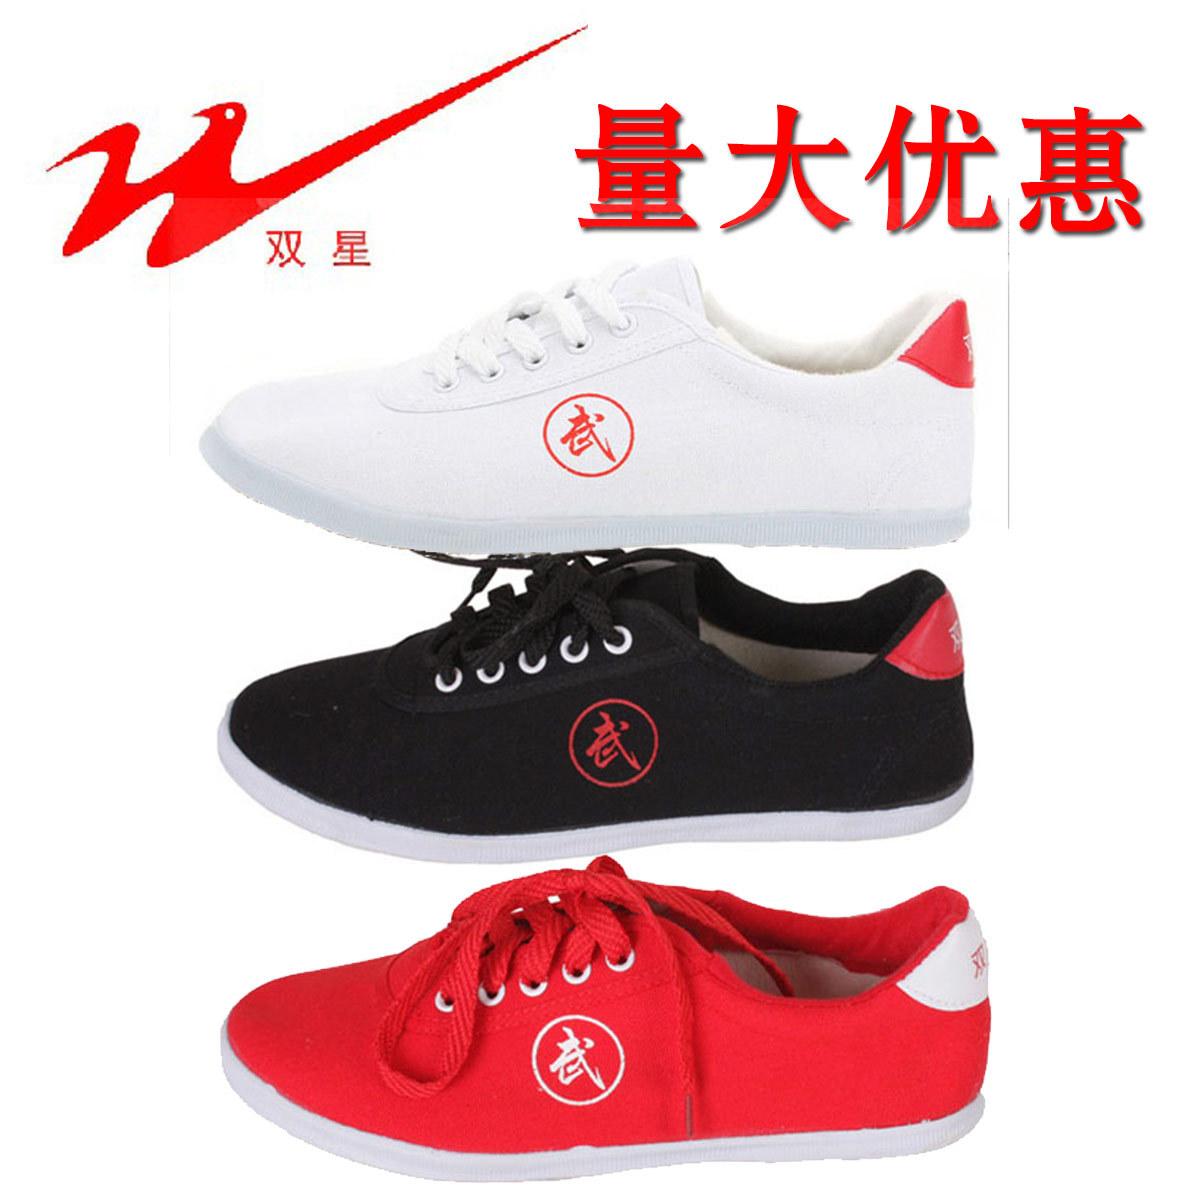 包邮双星学生武术鞋户外复古经典运动鞋太极健美晨练广场舞帆布鞋